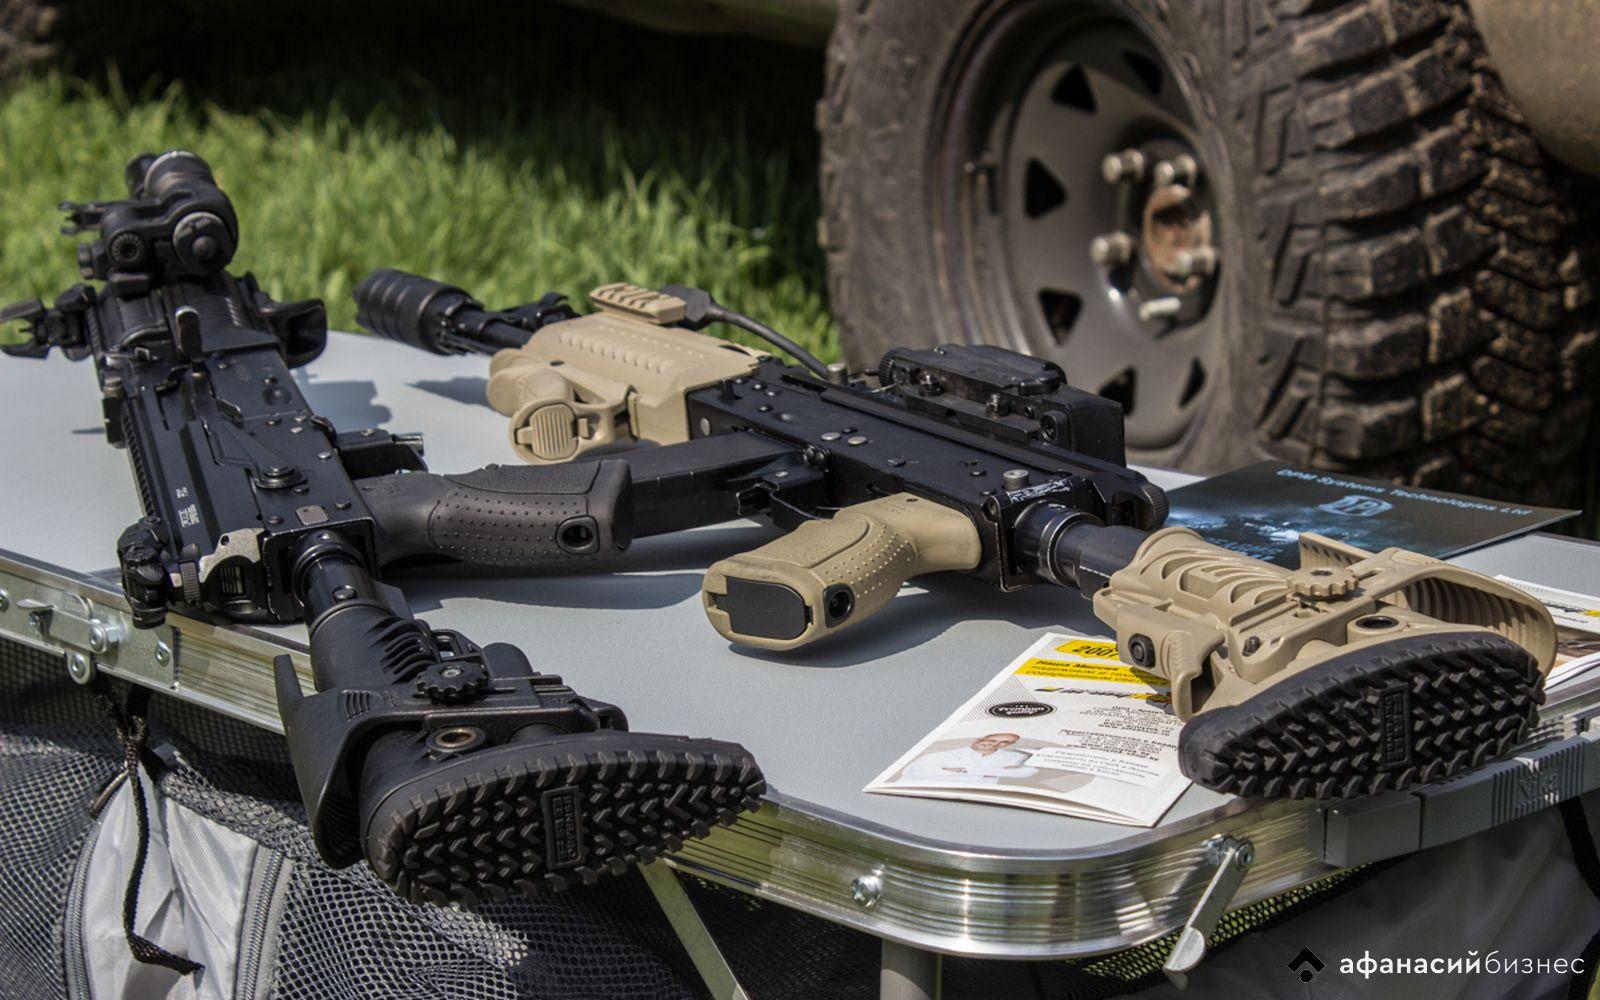 Тестирование, КМБ и стаж: после трагедии в Казани в России серьезно ужесточат правила получения оружия